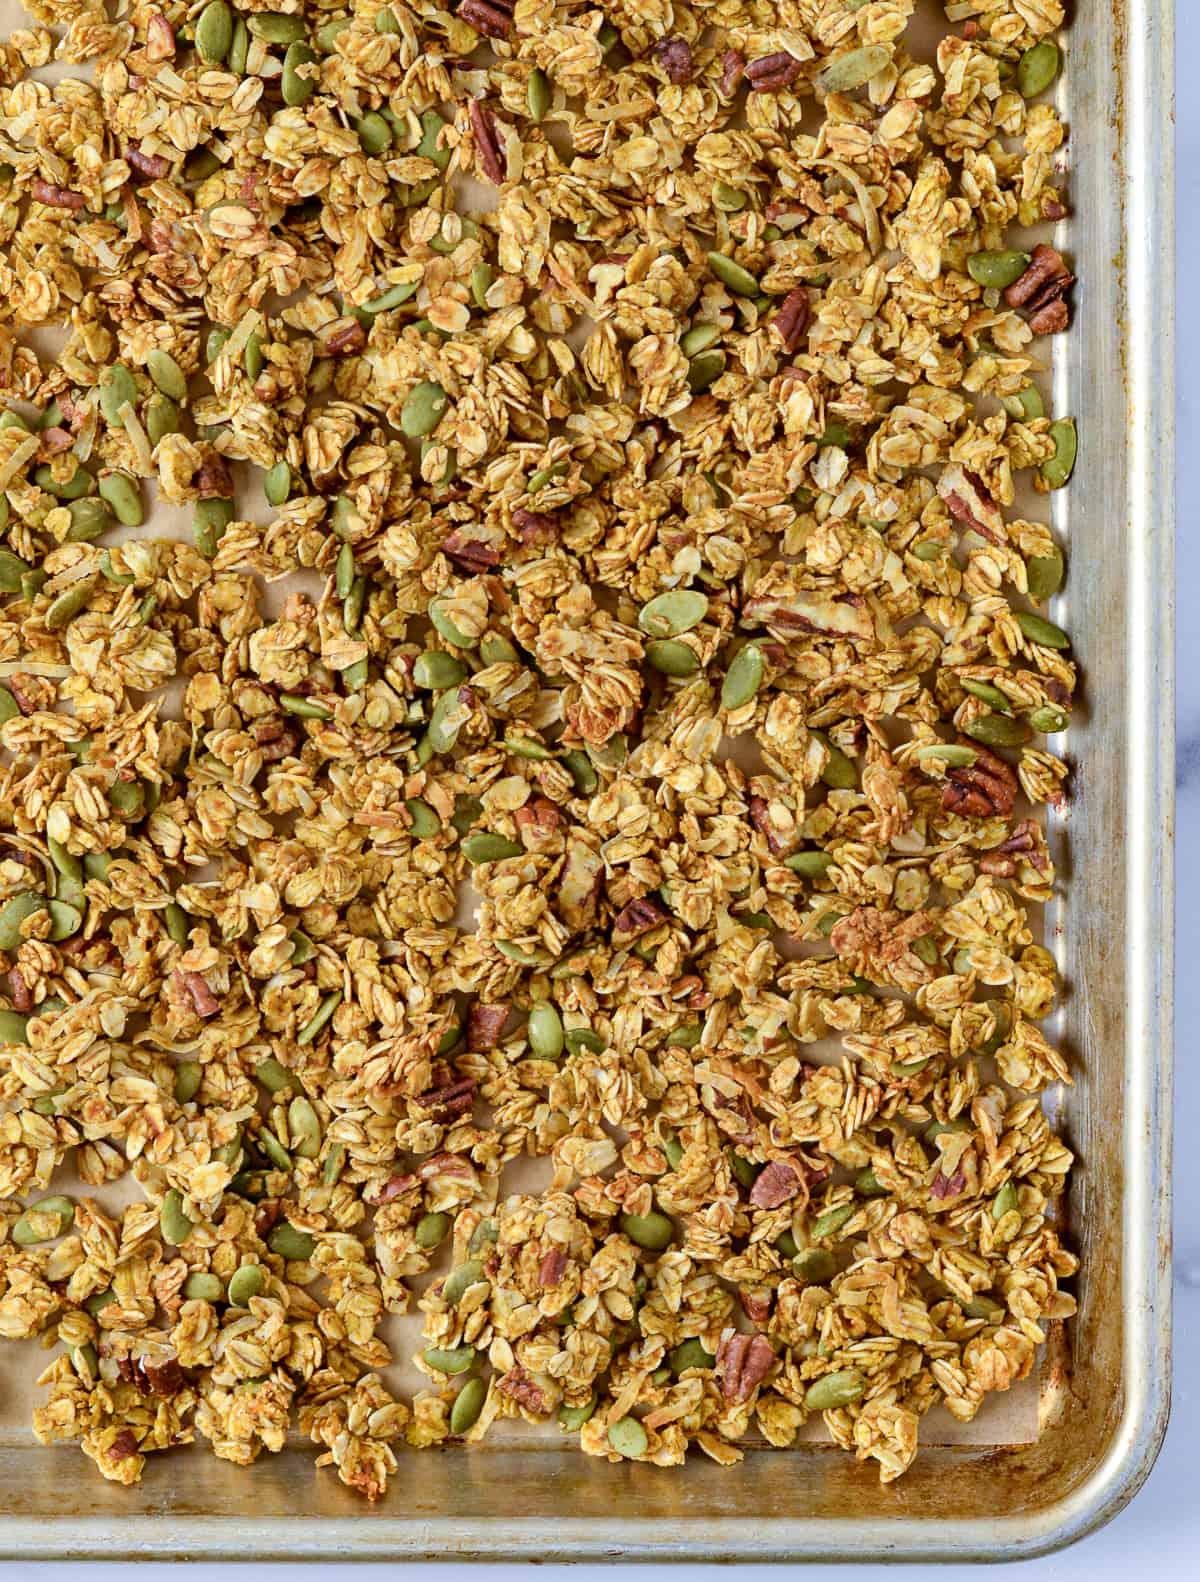 Granola mixture on baking sheet.